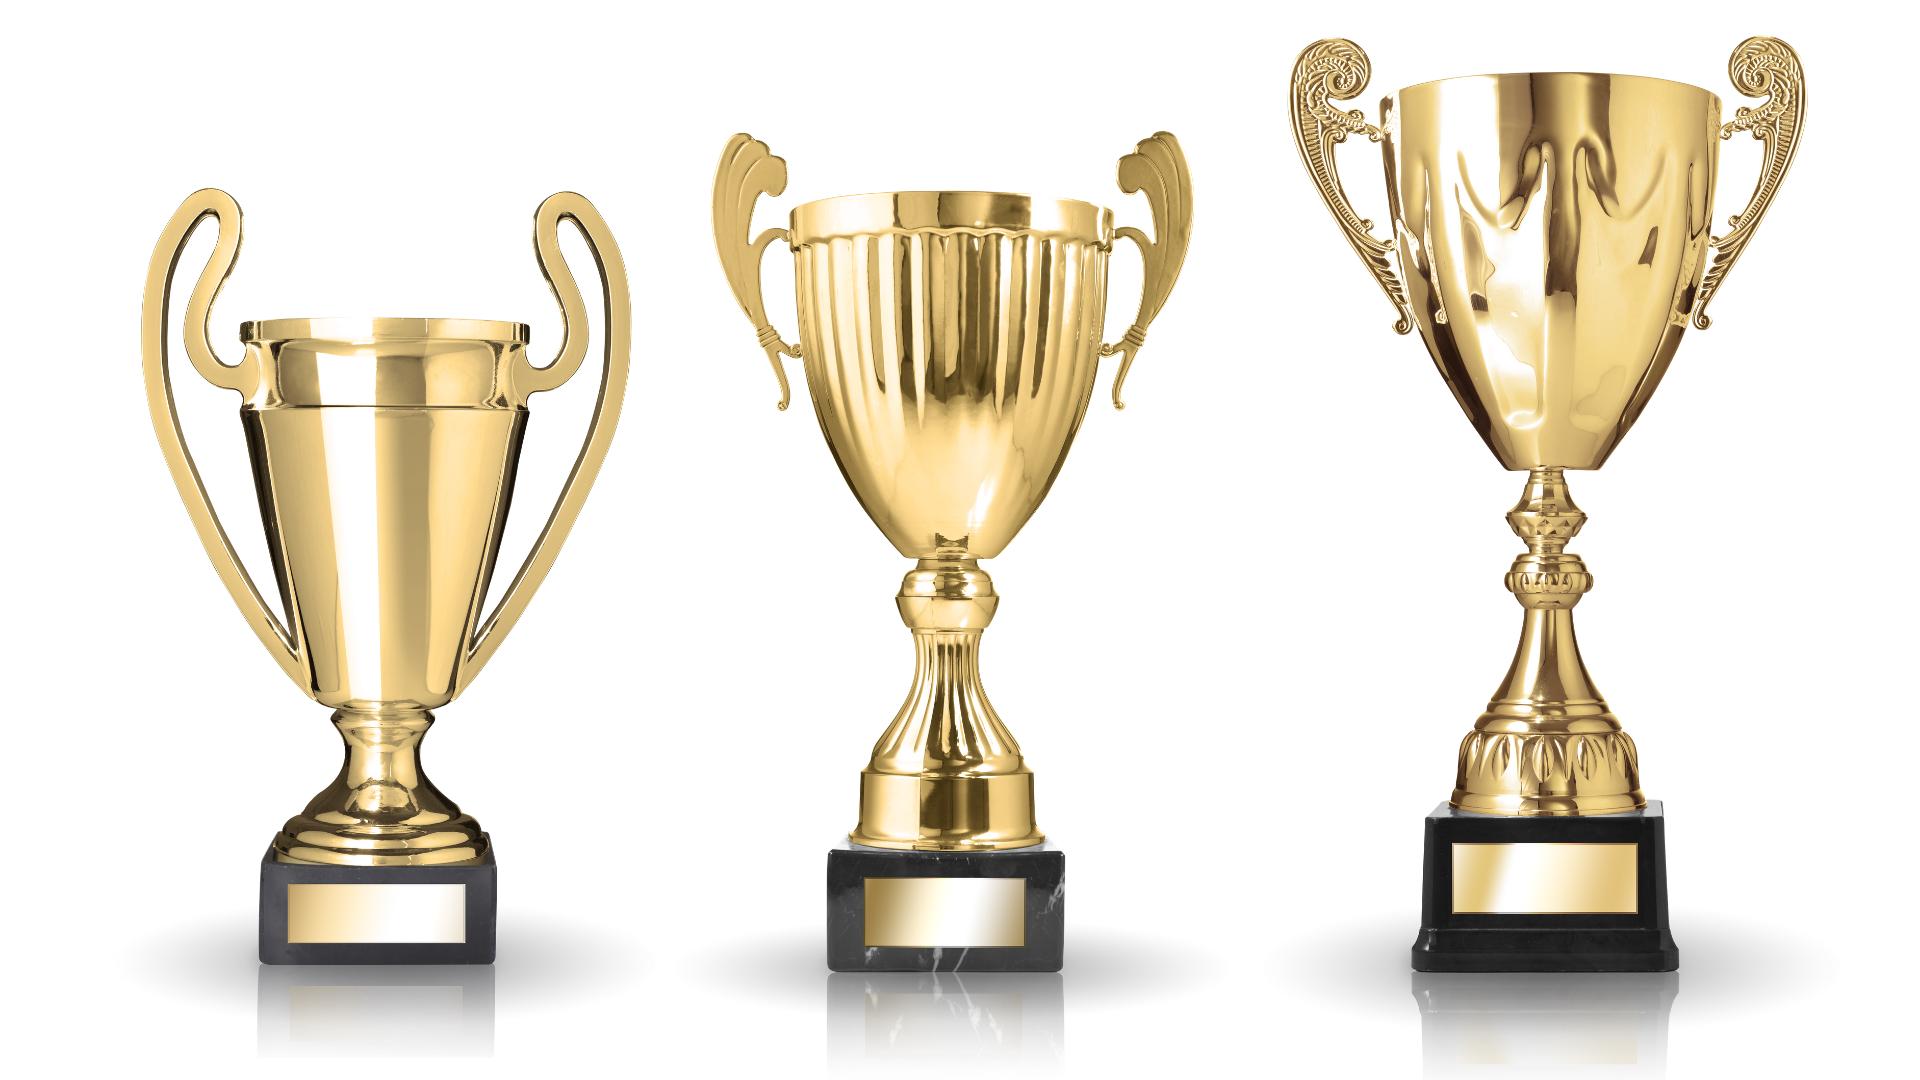 Honor - Trophies